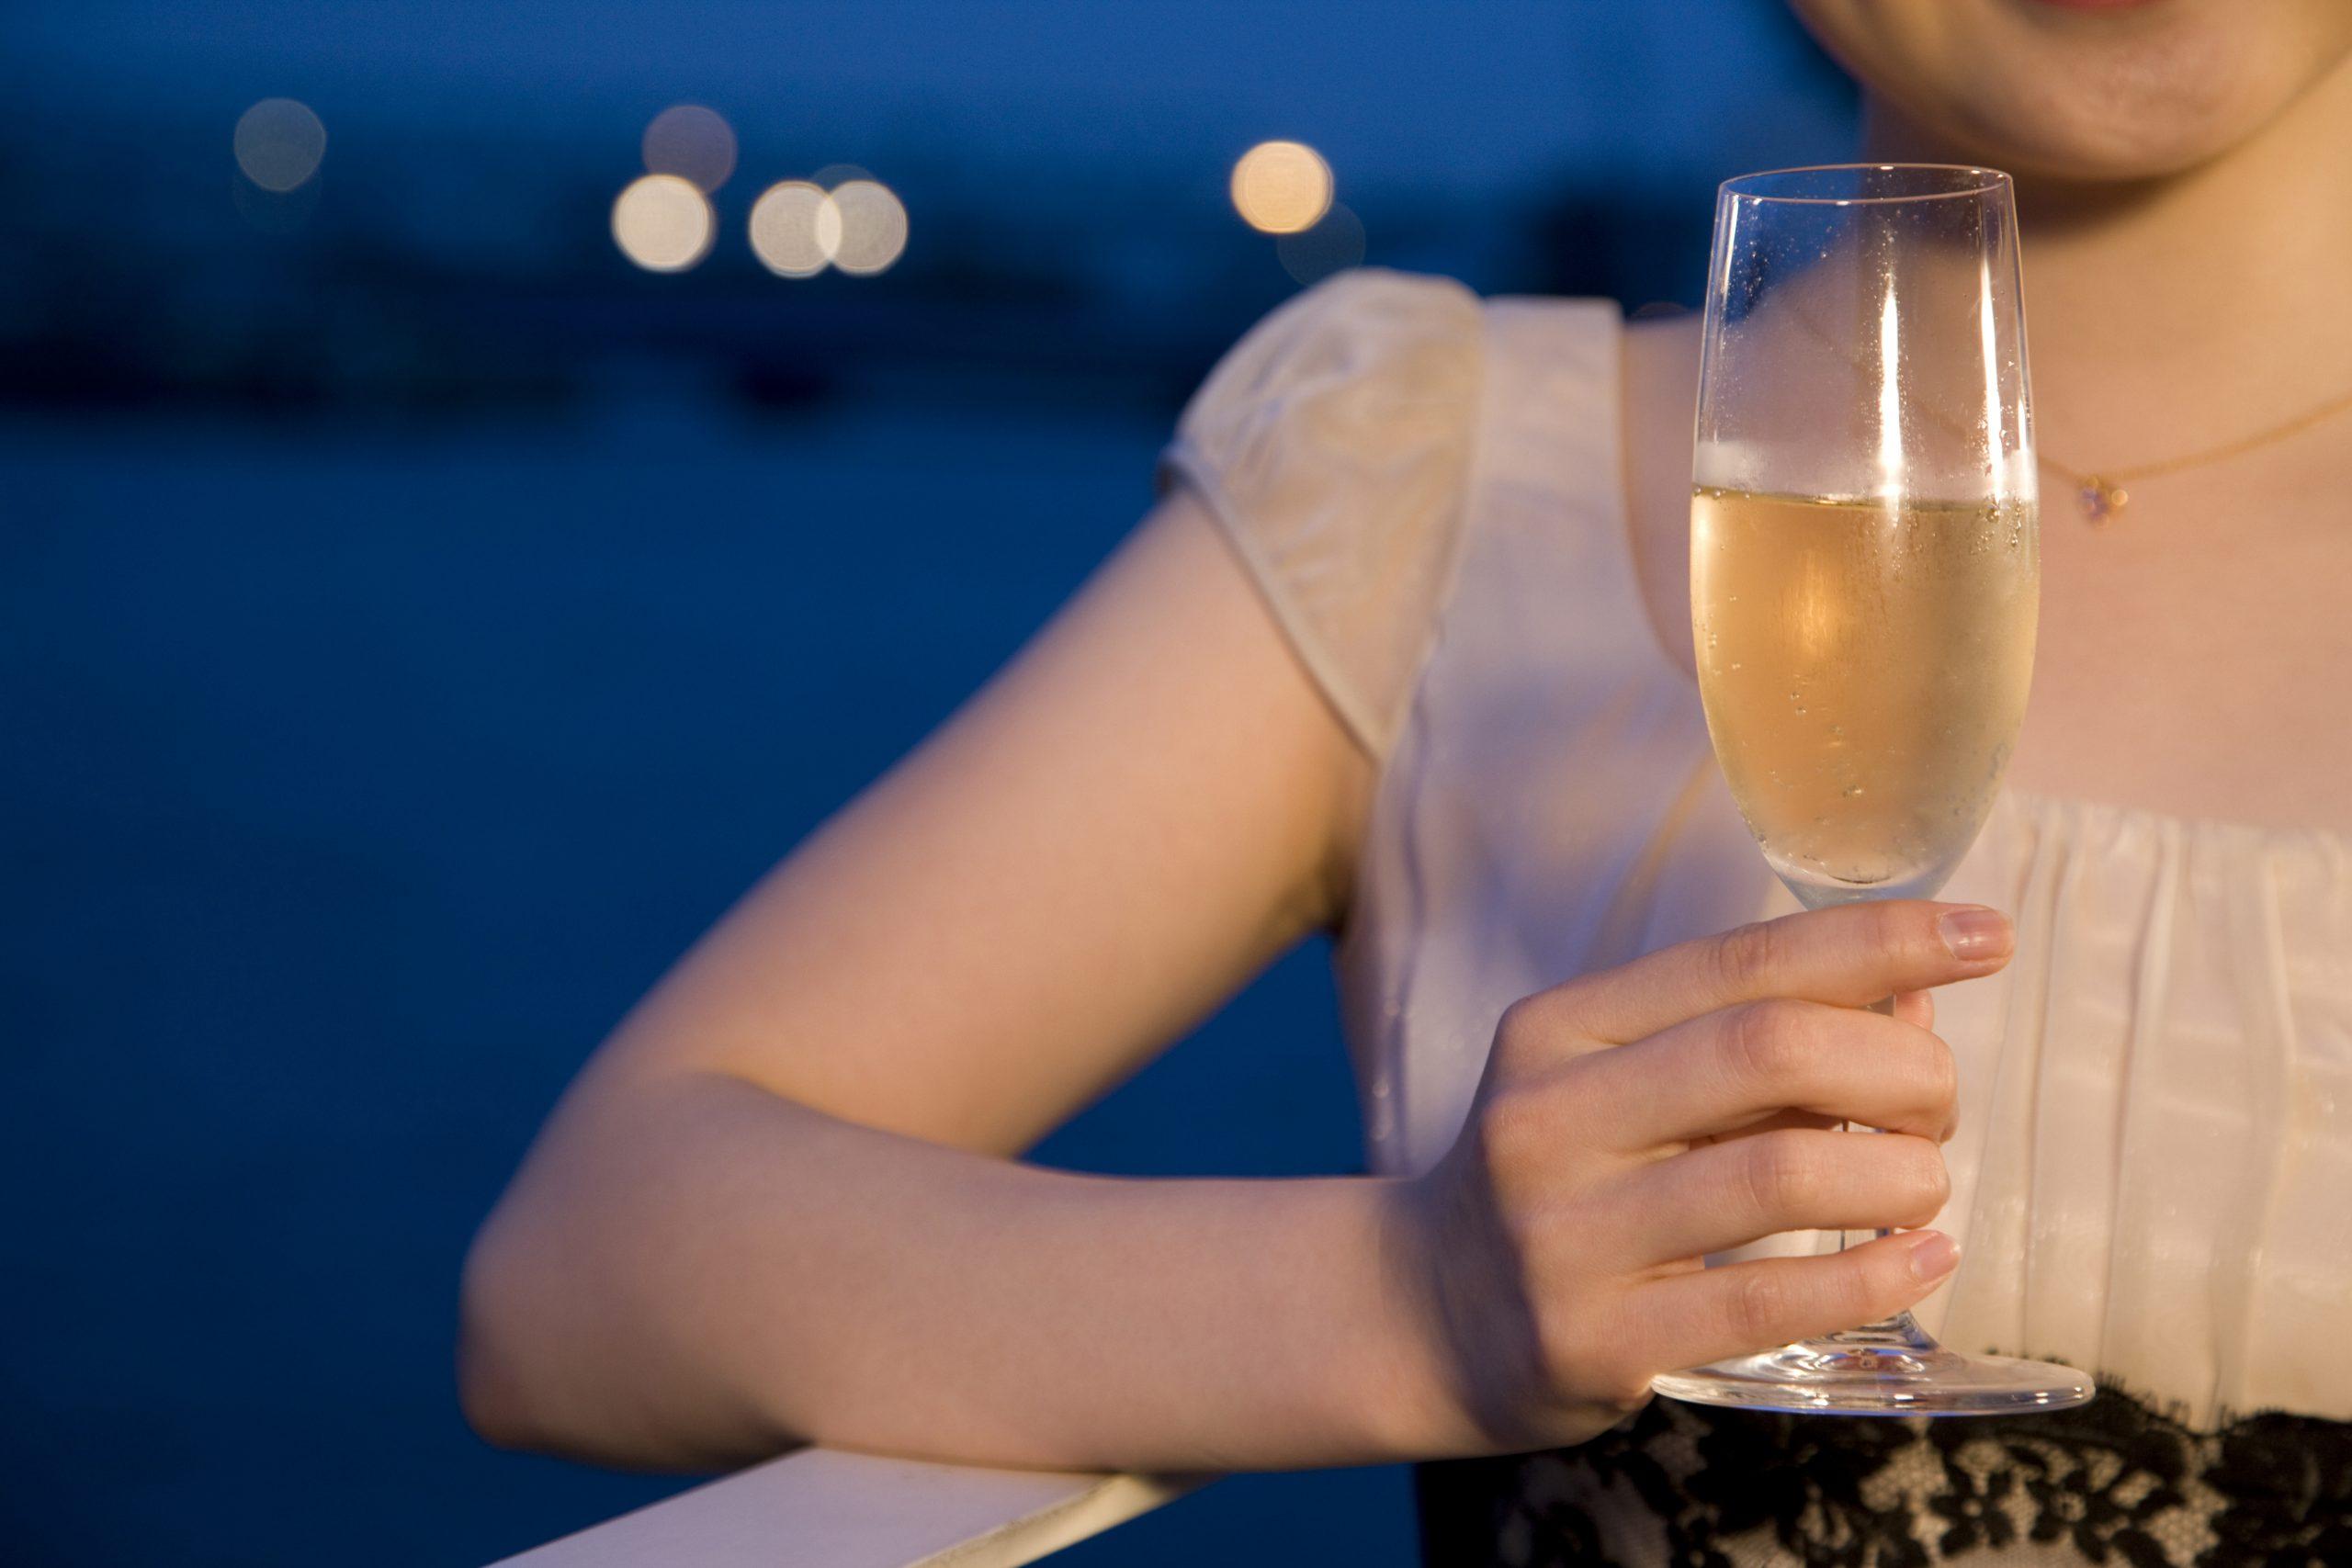 テラスでシャンパンを飲む女性の手元